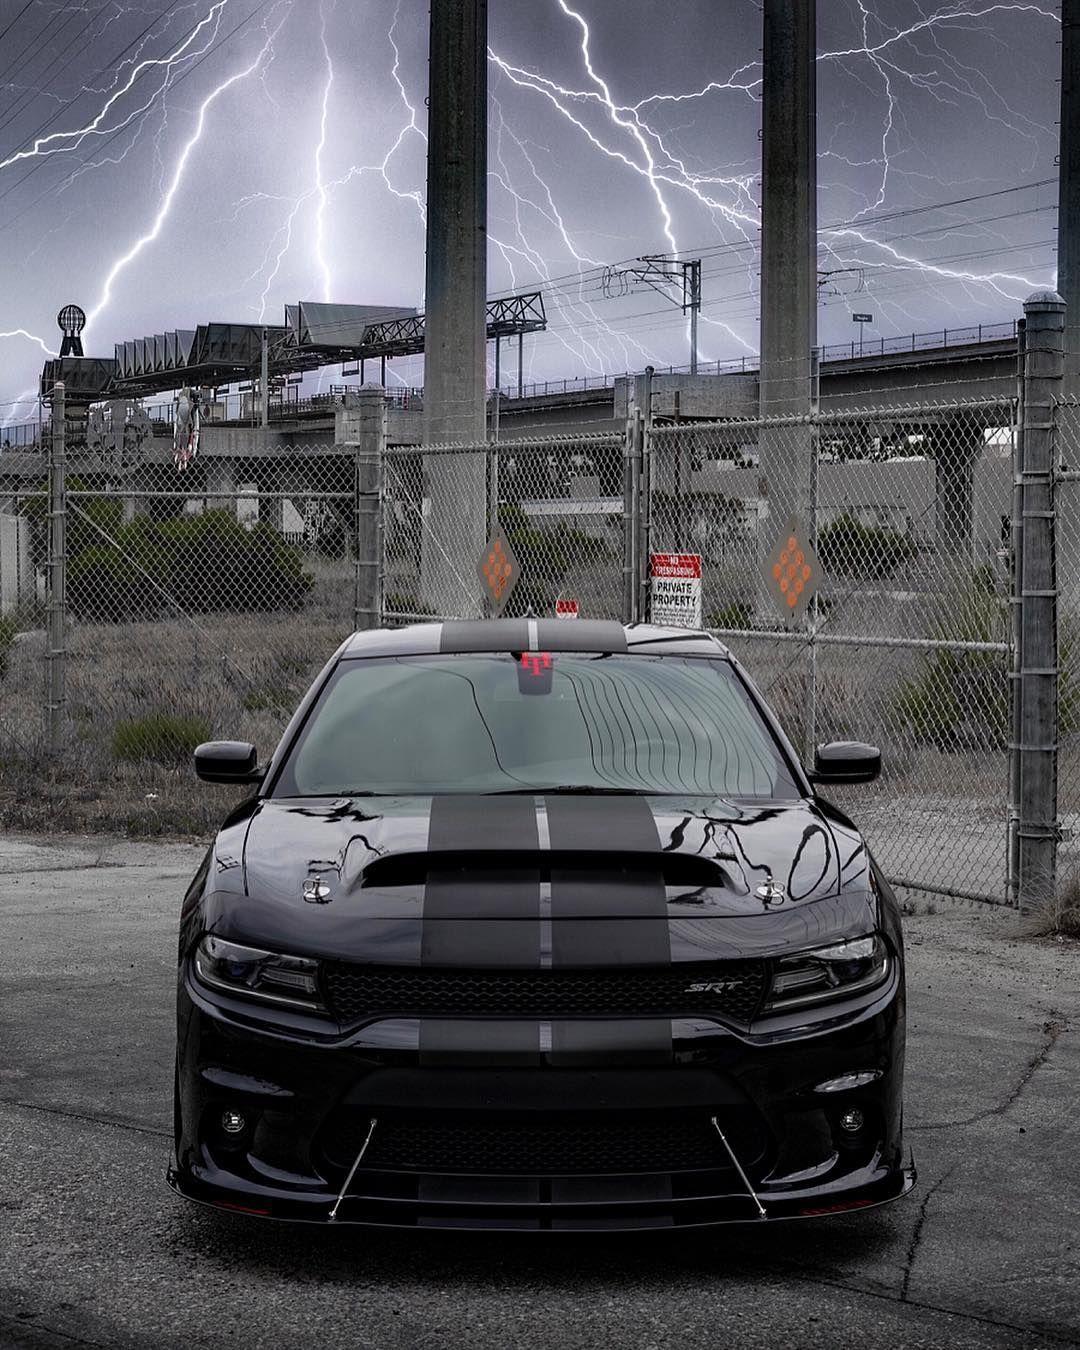 God Of Thunder Mopar Dodge Charger Scatpack V8 392 Blacklist Hemi Srt Nichewheels Staggered Scat Pack Niche Wheels Dodge Charger Hellcat